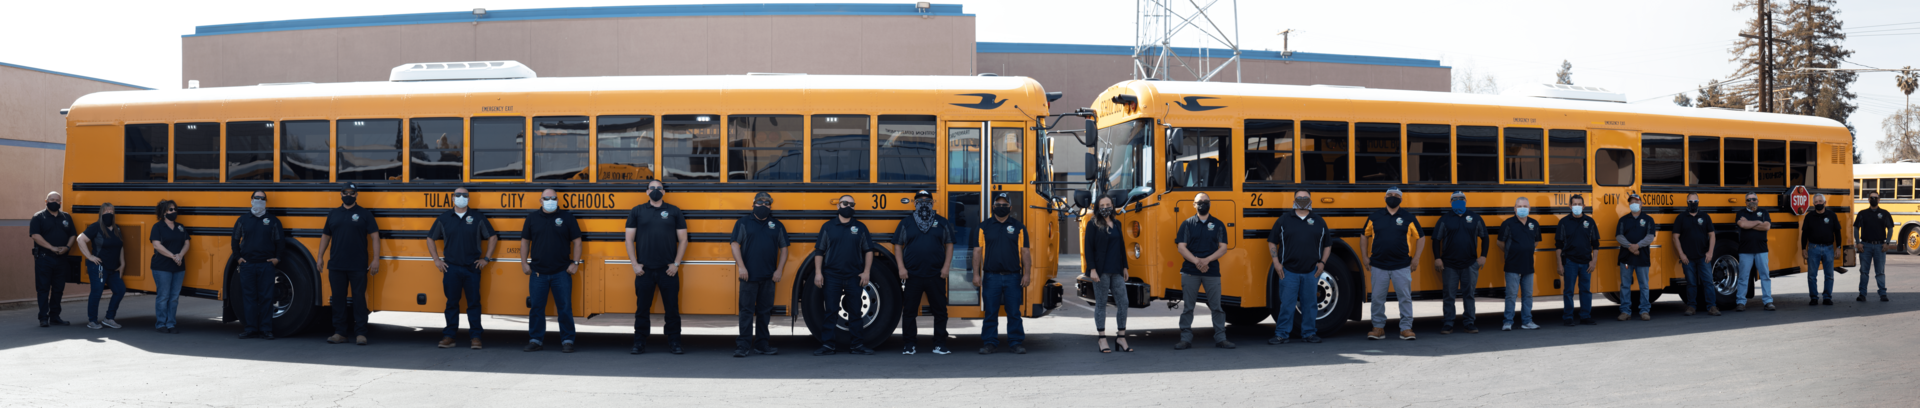 Bus Driver Team 2